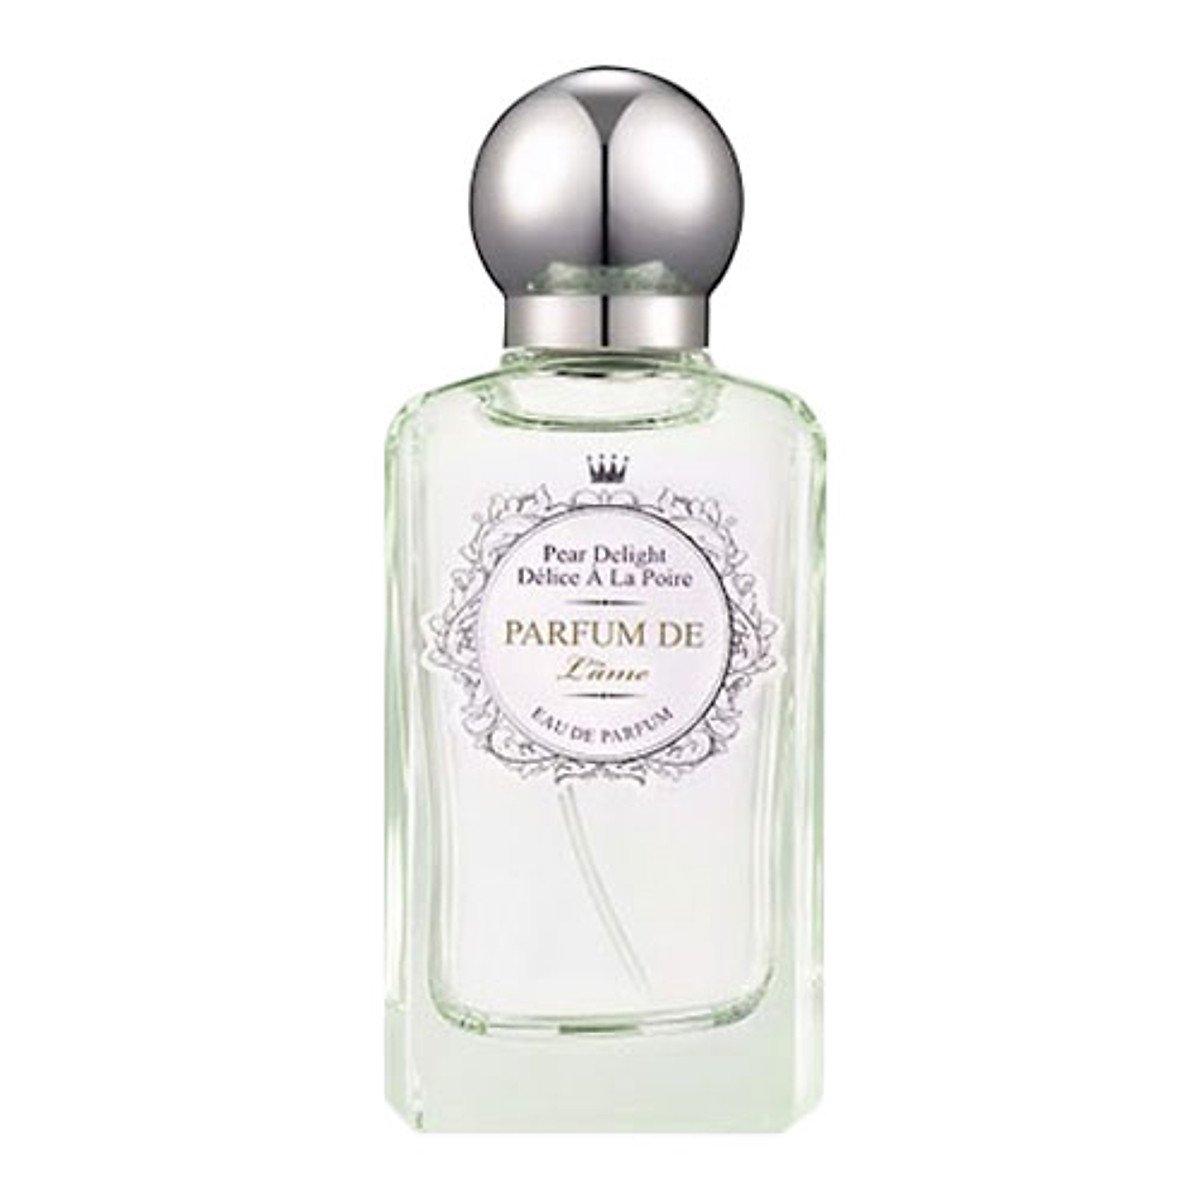 nuoc-hoa-thefaceshop-parfum-de-l-ame-pear-delight-80ml